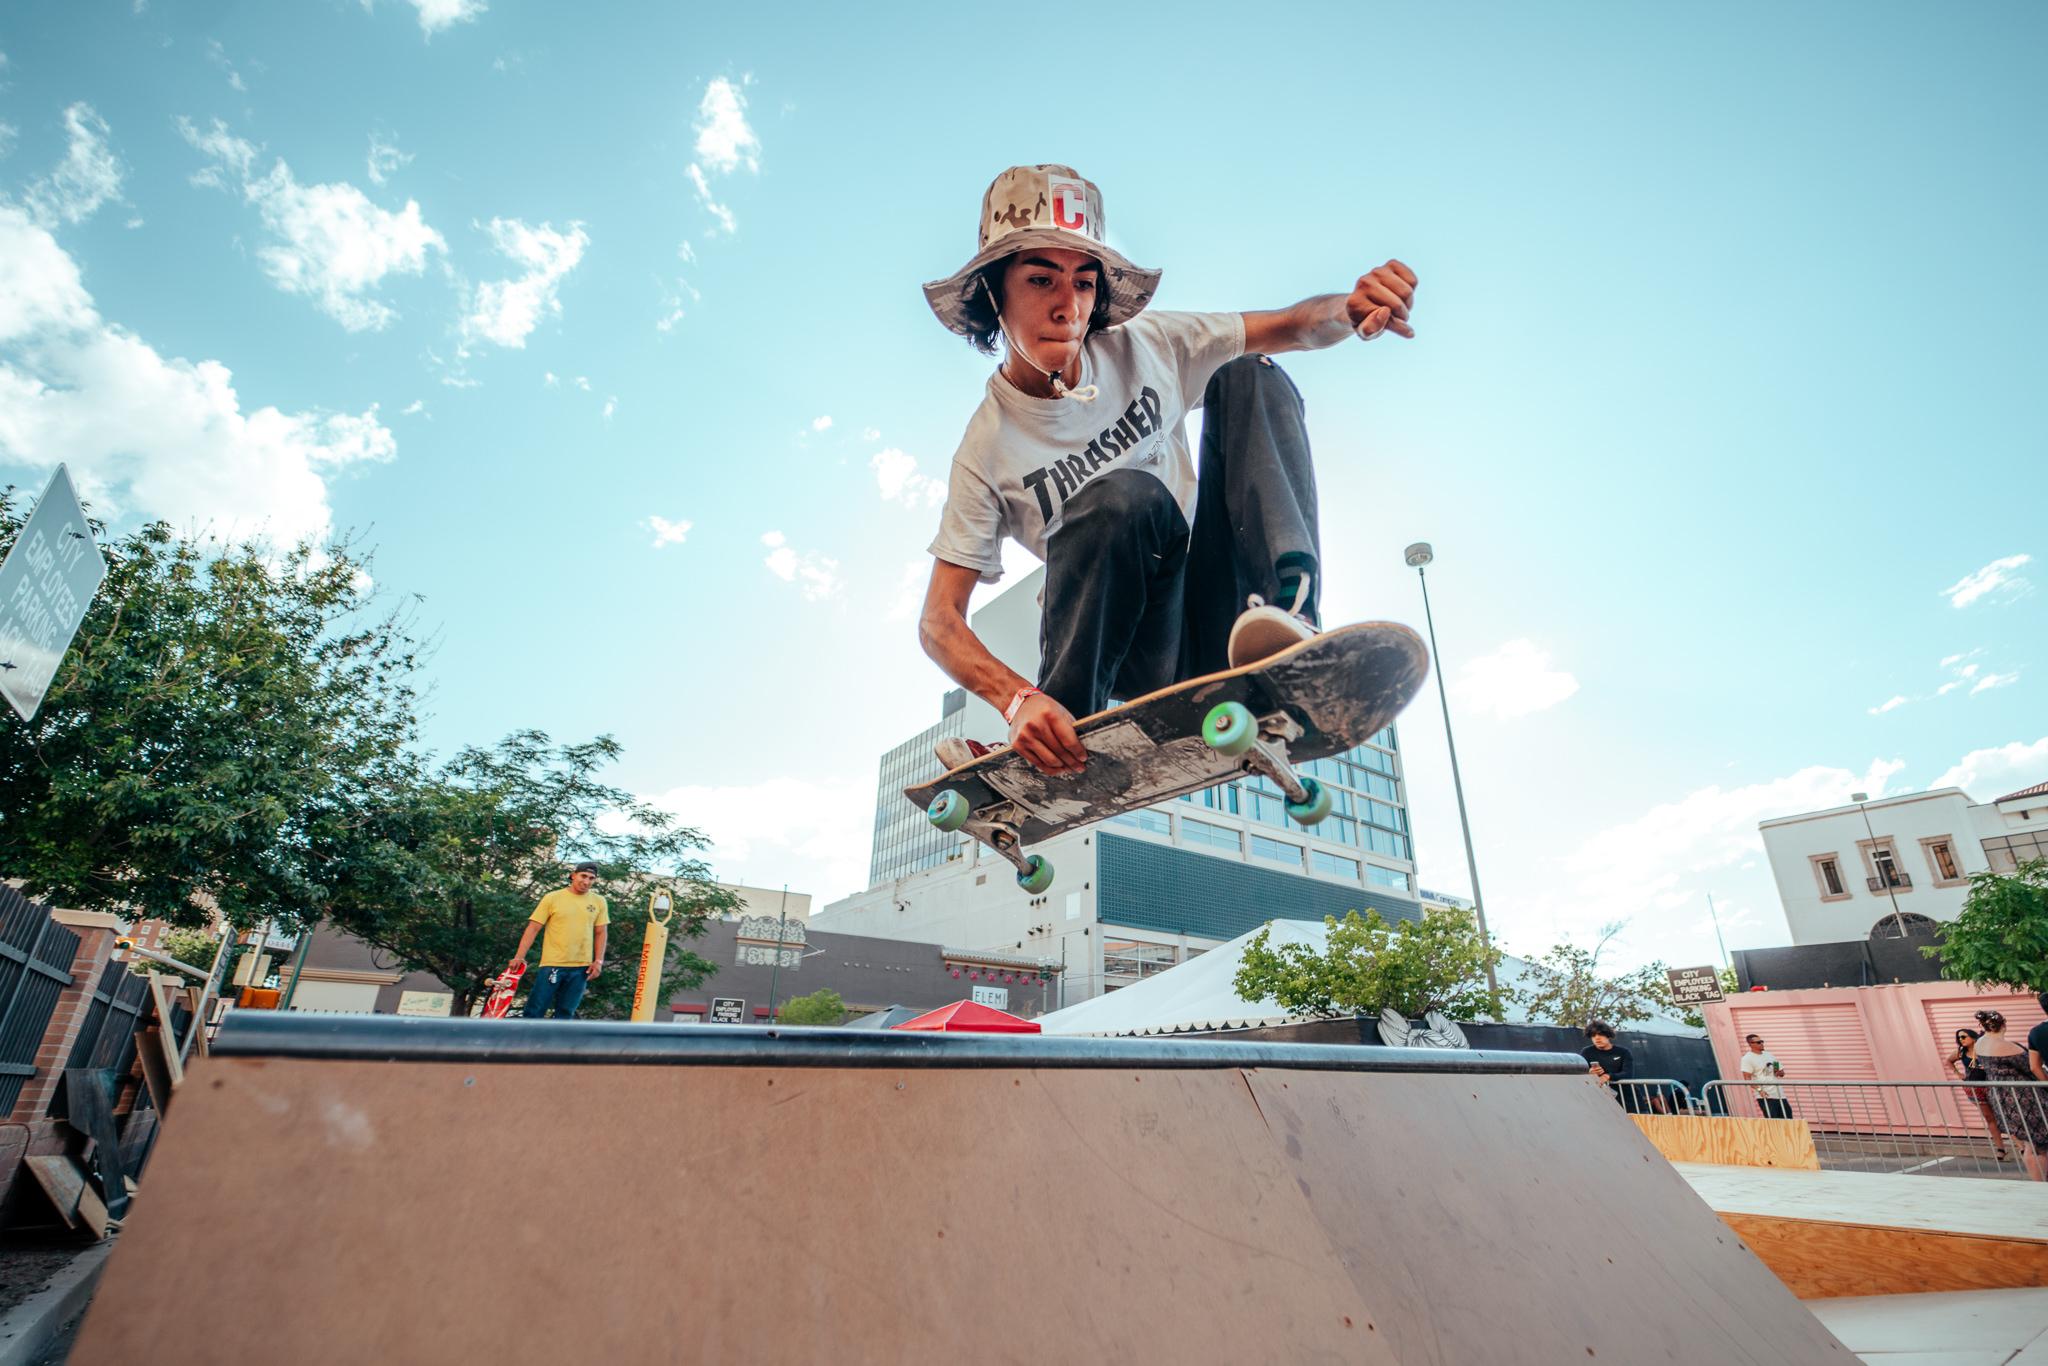 skate_NeonDesert2019_KirbyGladstein-07735.jpg